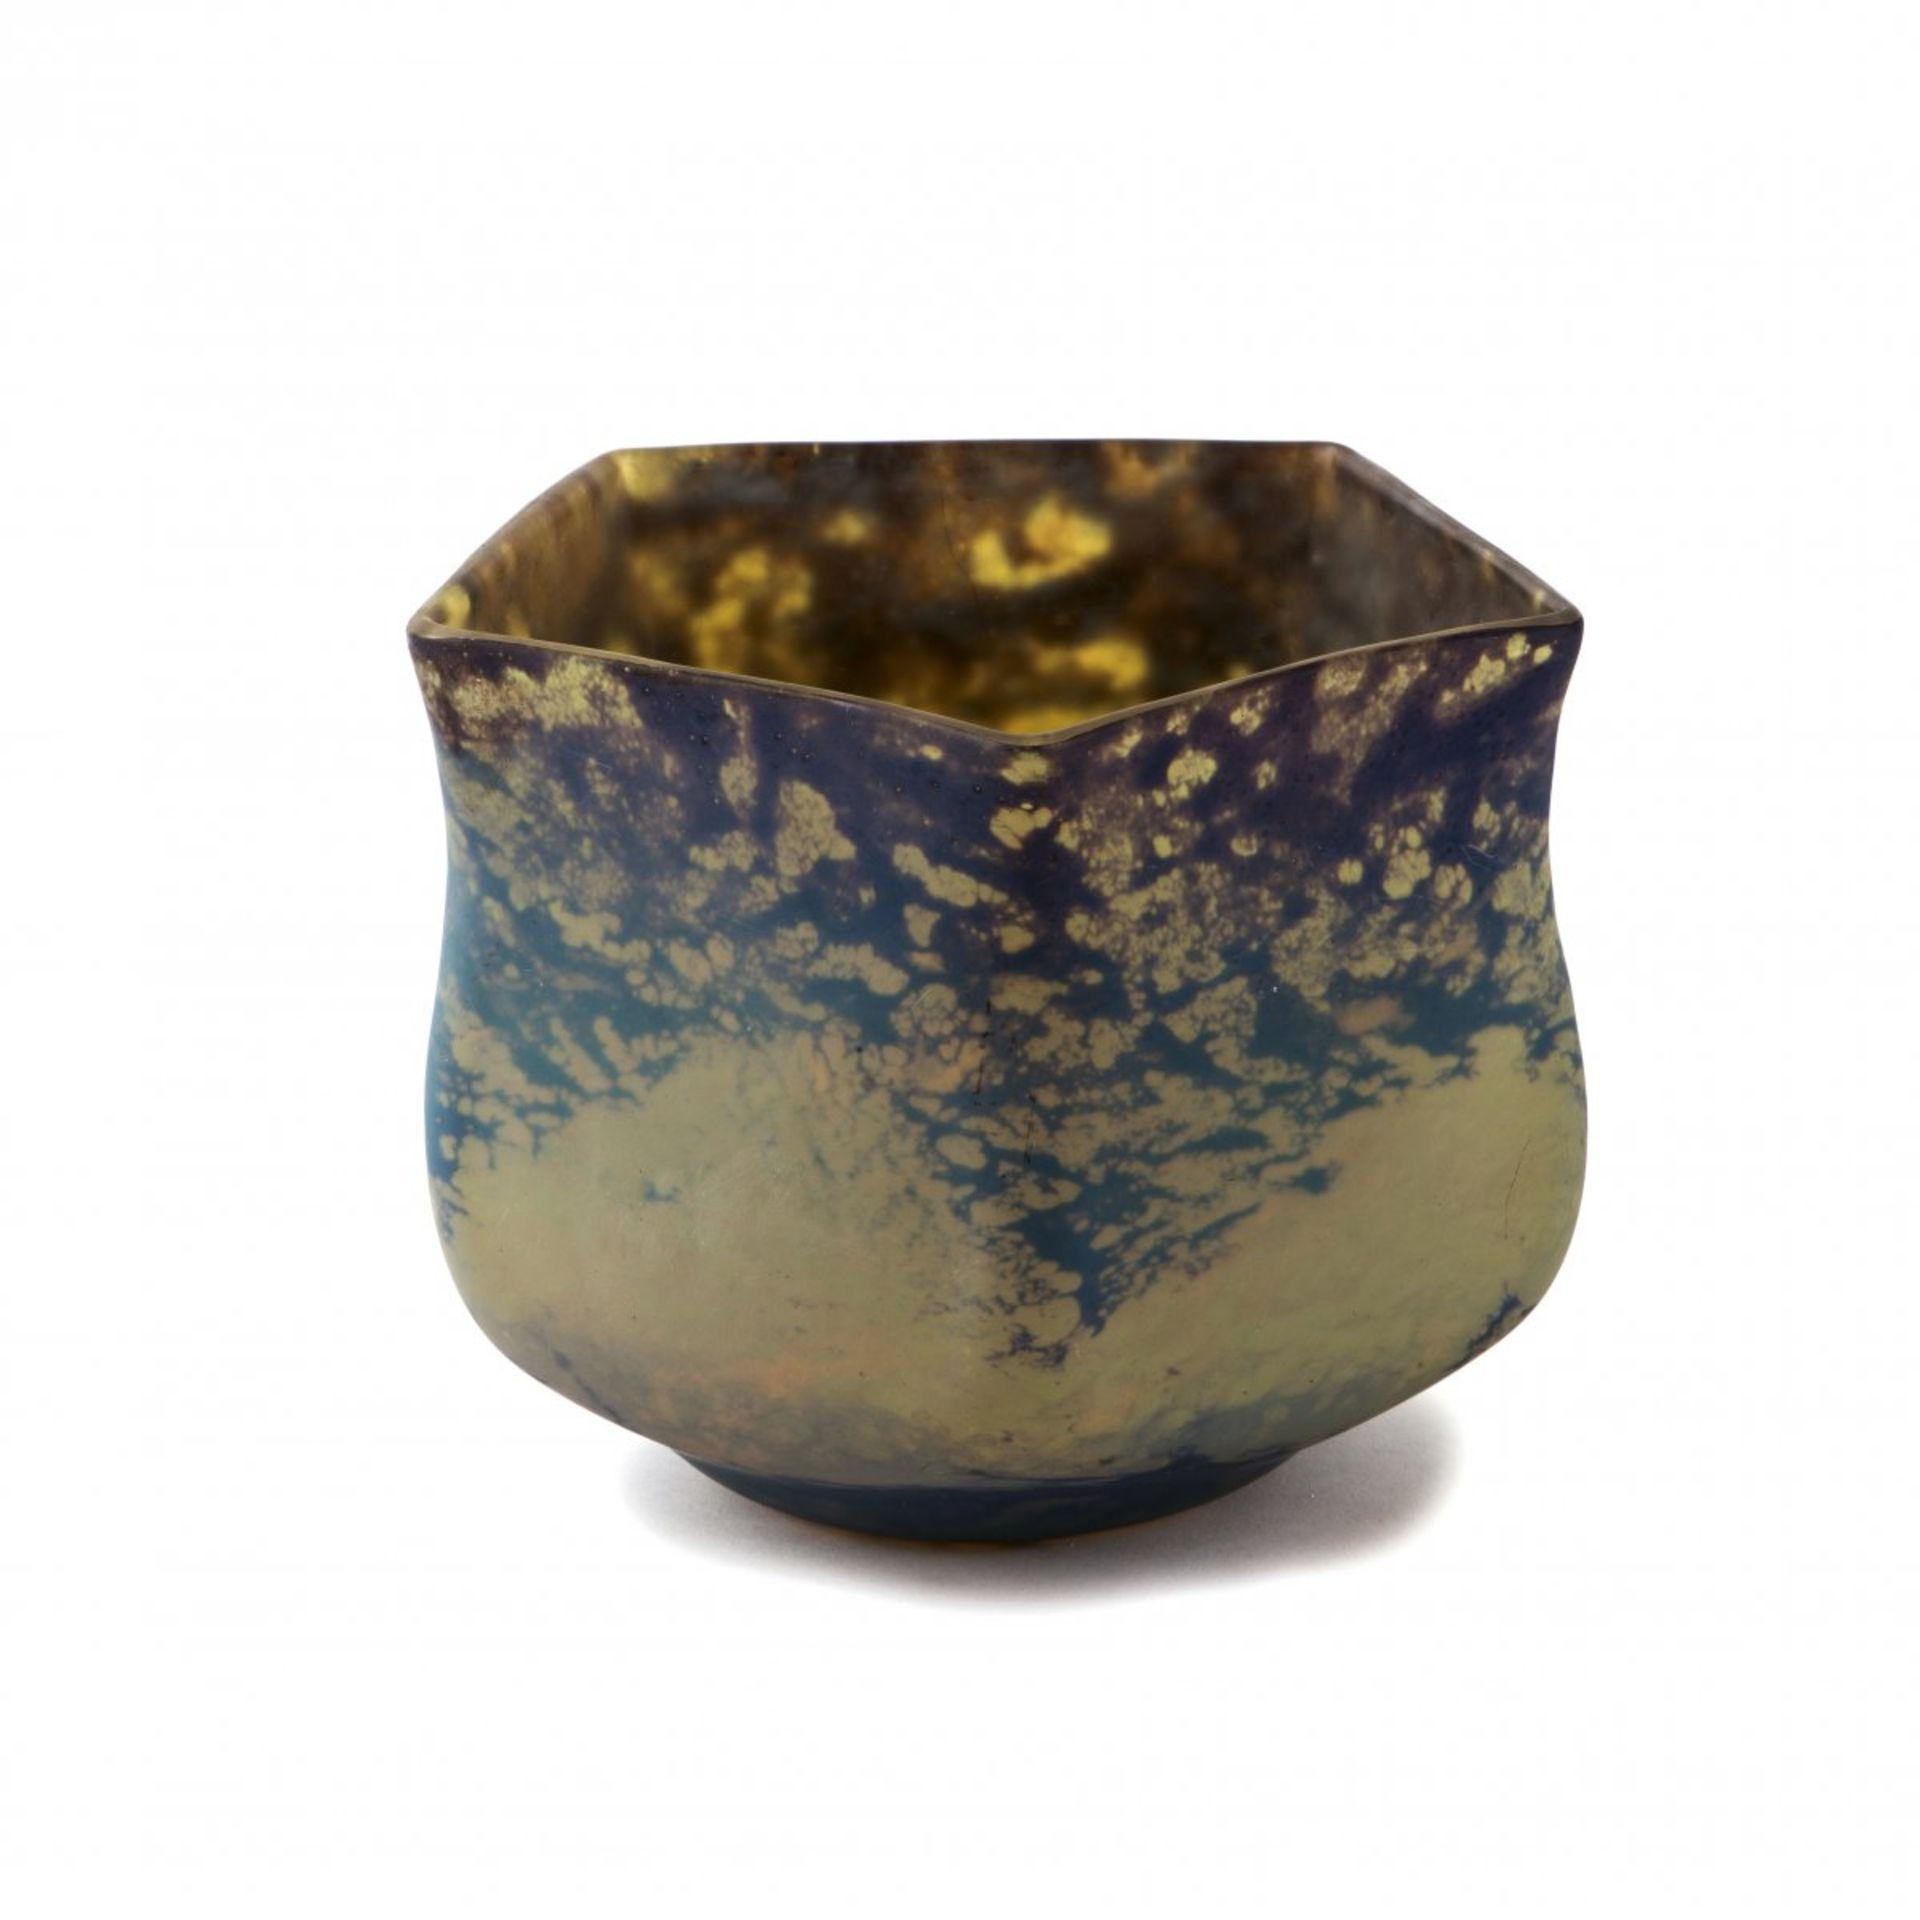 Los 144 - Daum Frères, Nancy, Cachepot, 1910-15Cachepot, 1910-15H. 16,3 cm. Überfangglas, farblos,...